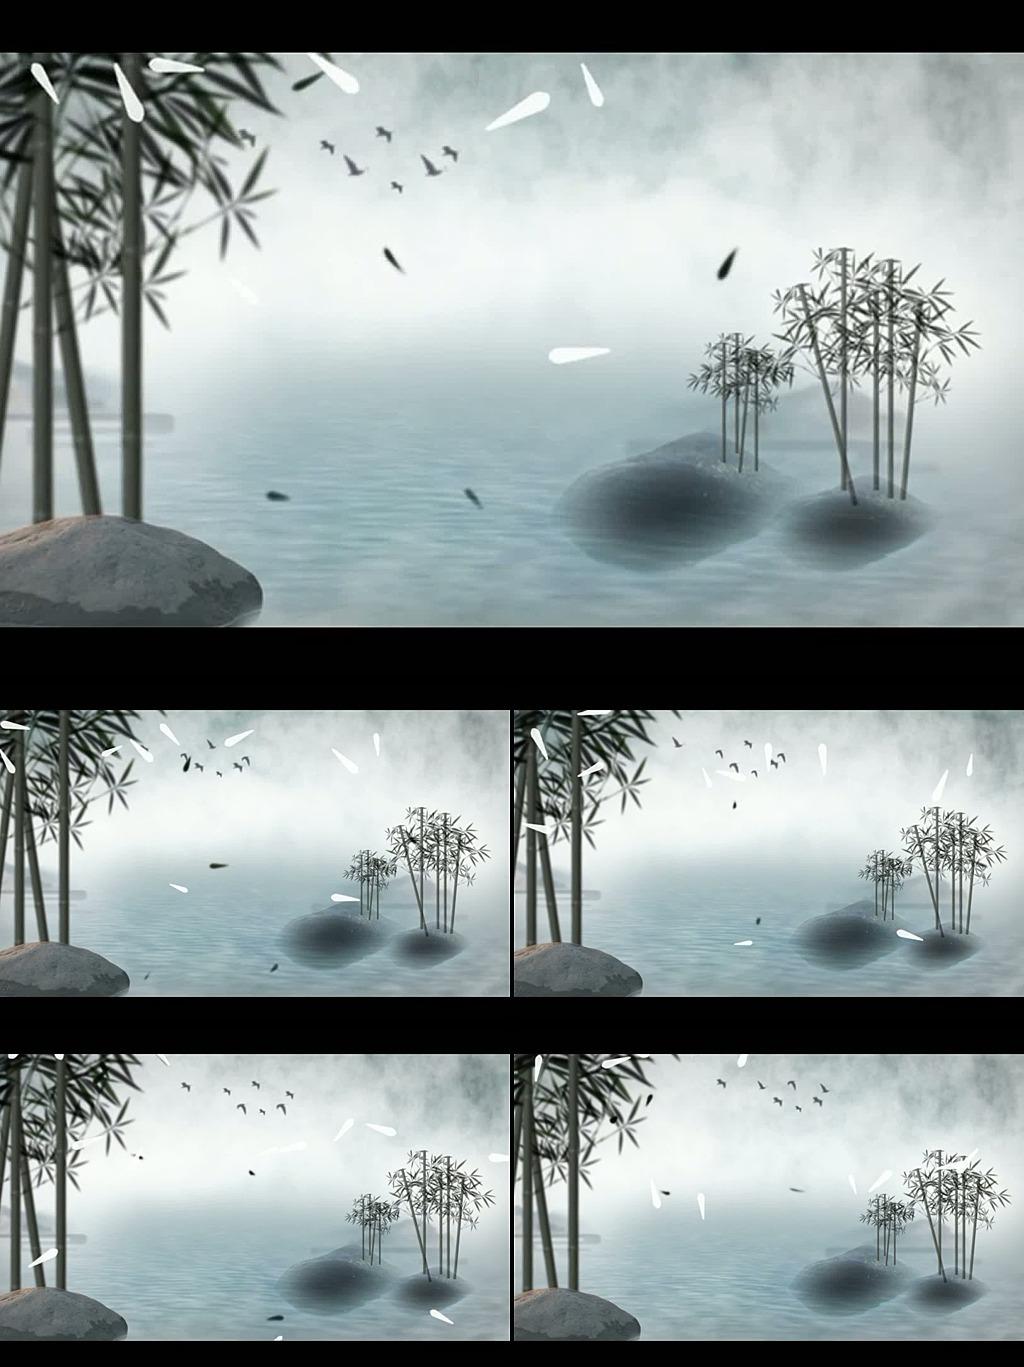 中国风水墨竹子动态视频背景素材